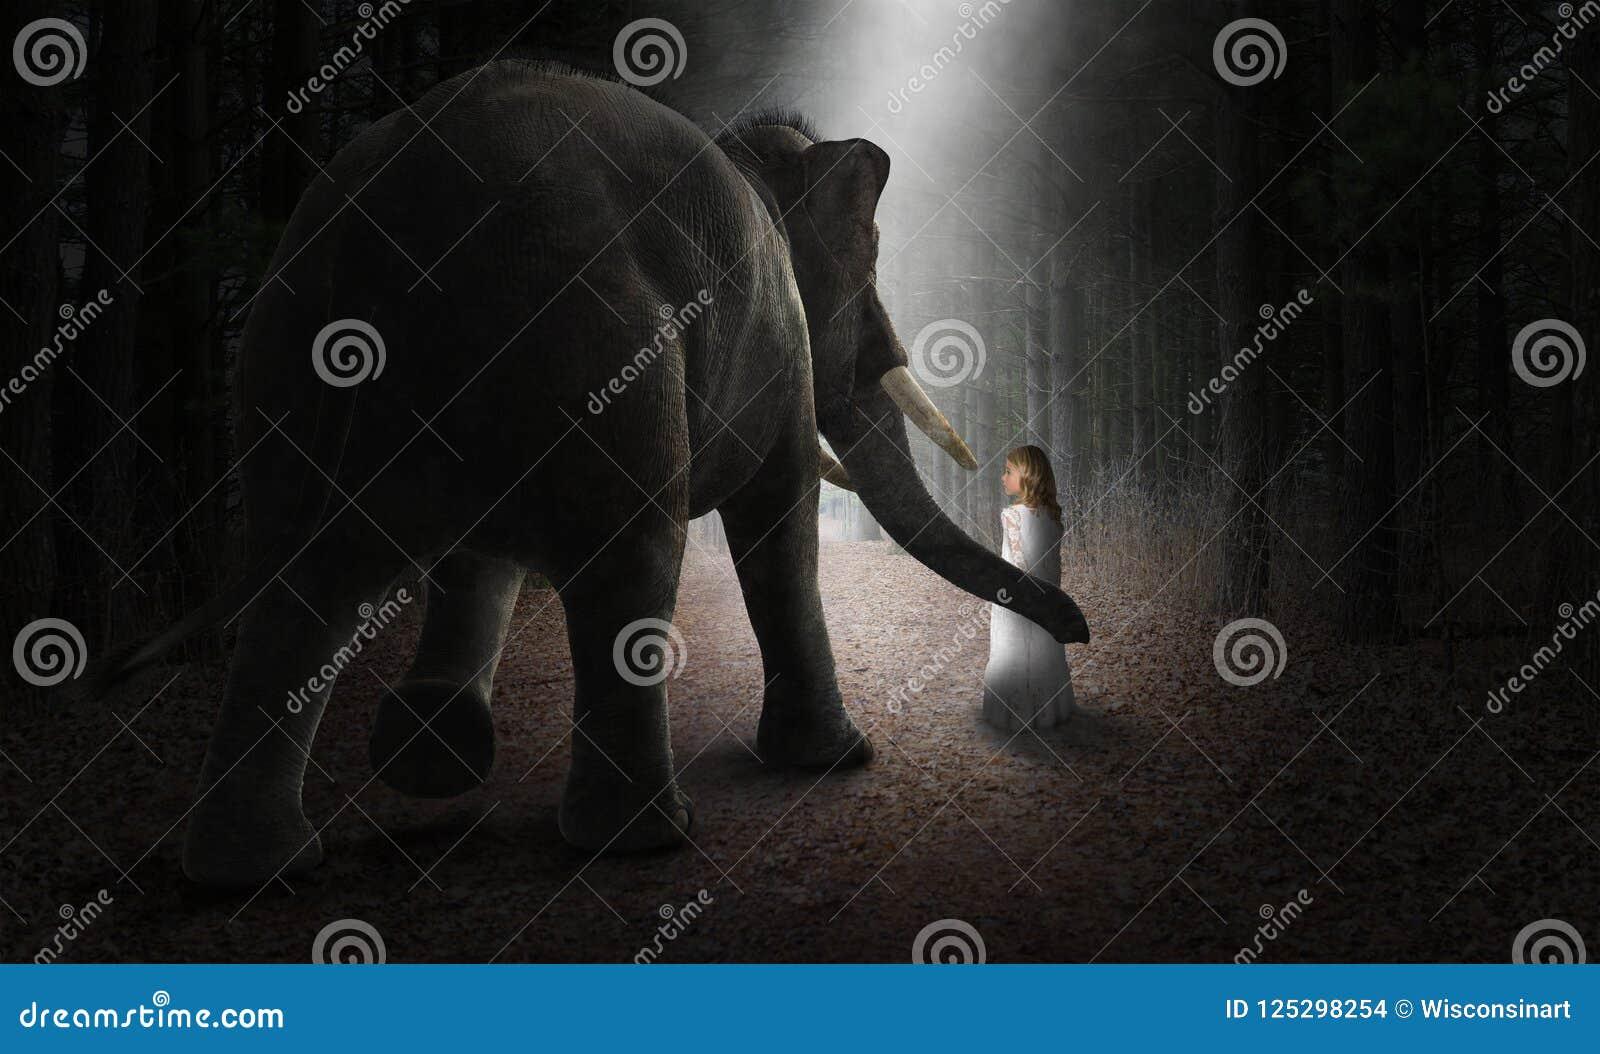 Éléphant surréaliste, fille, amies, amour, nature